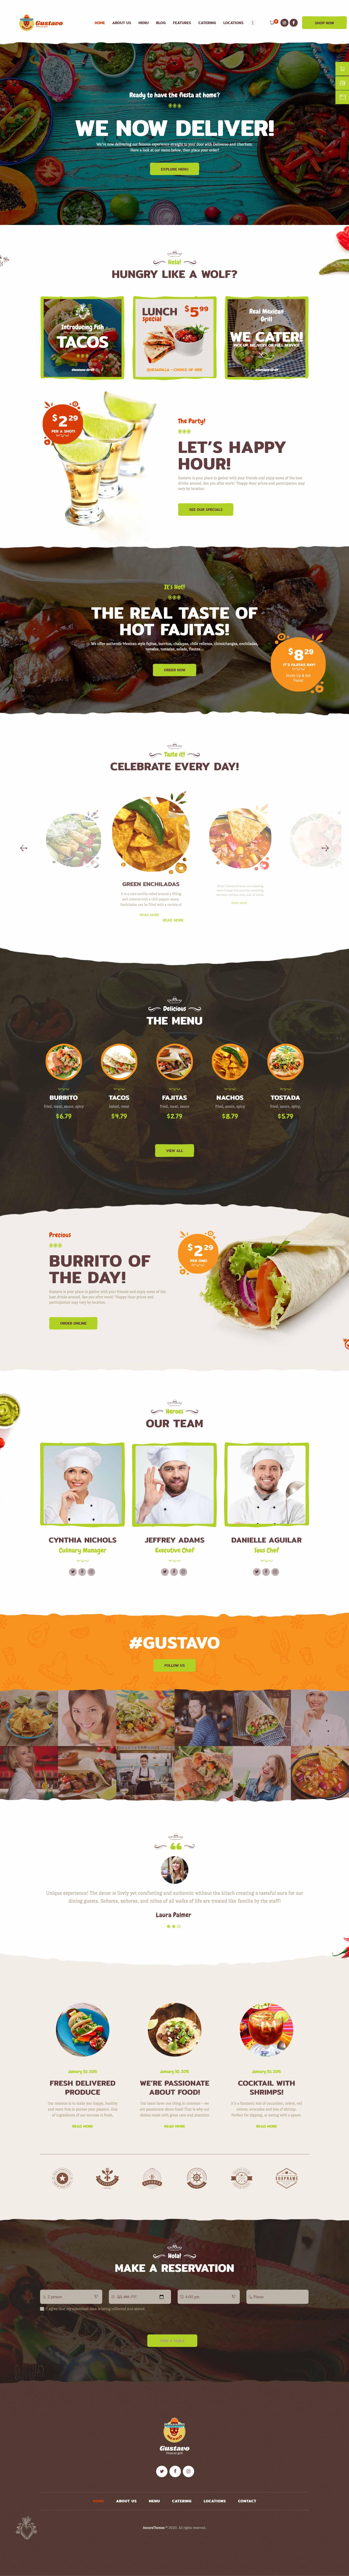 создание сайта для ресторана и кафе